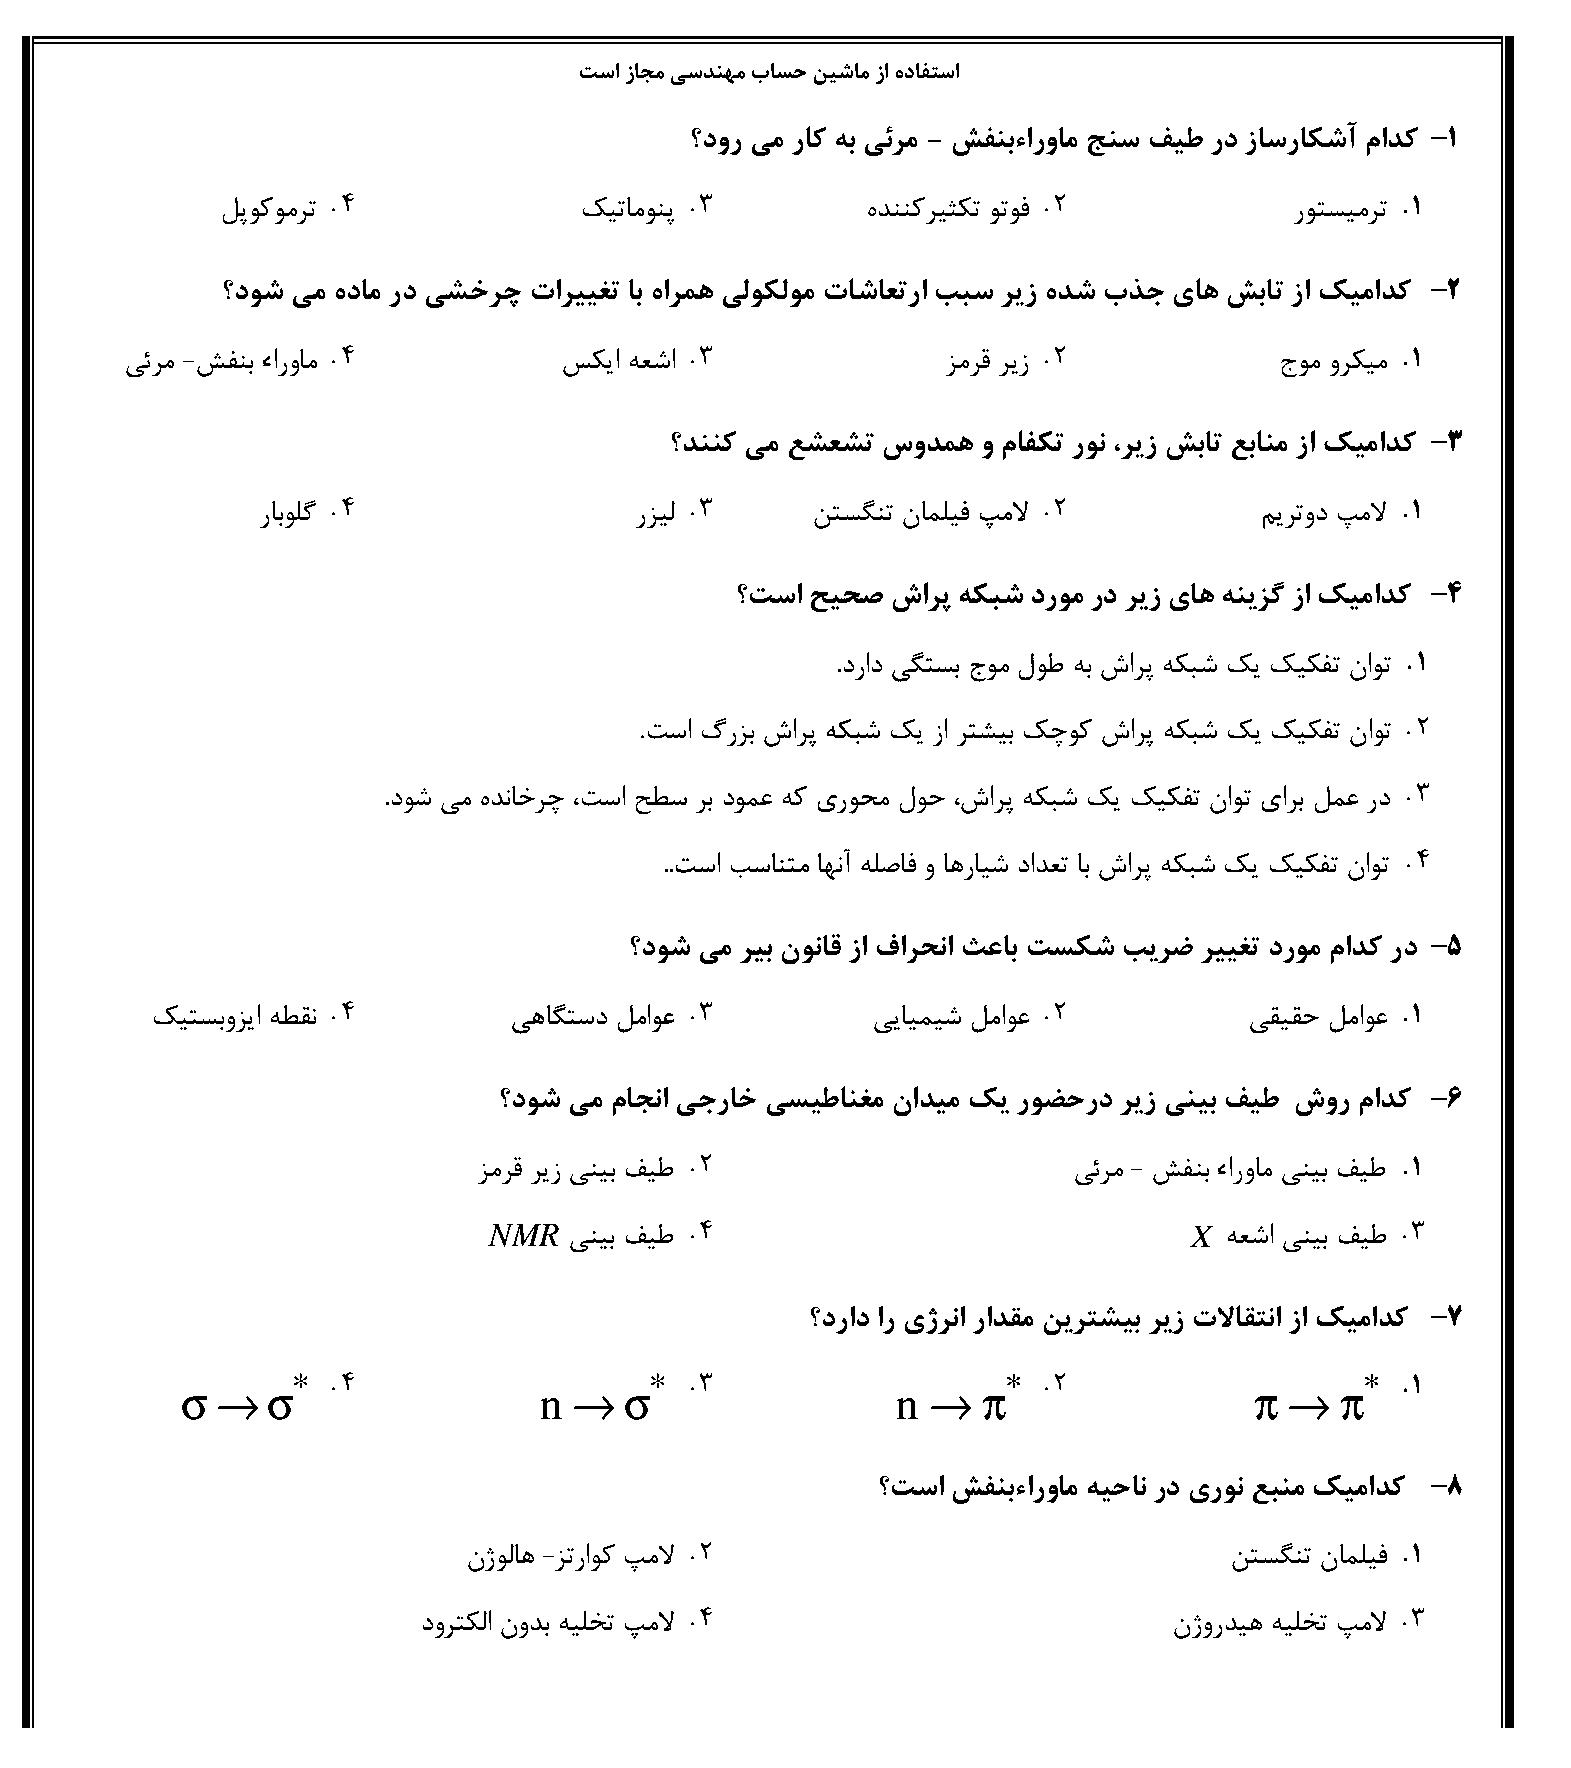 دانلود نمونه سوالات دبیر شیمی آموزش و پرورش 97